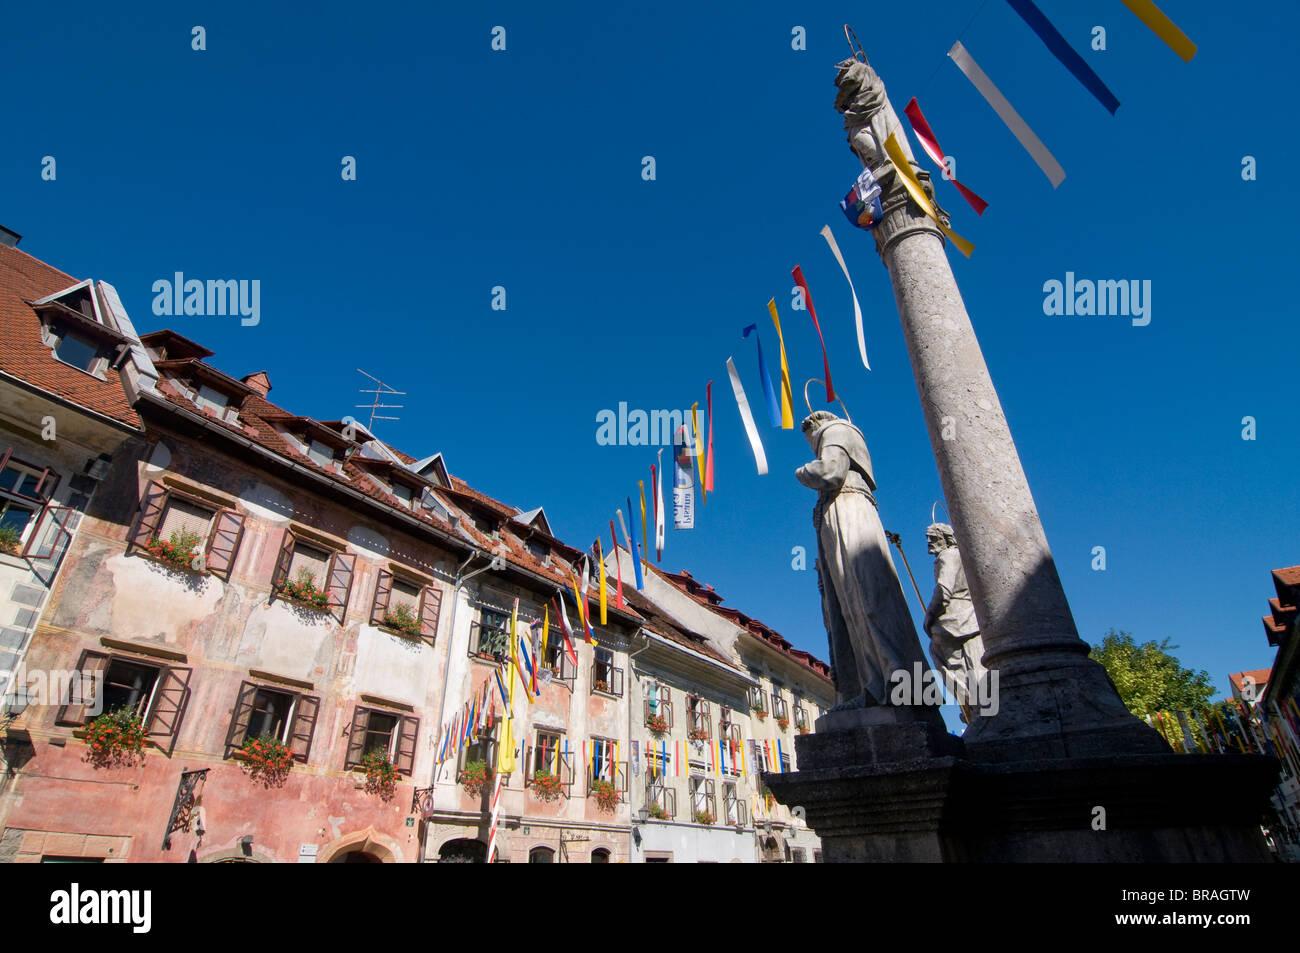 Schön dekorierte Häuser in der Stadt von Sofja Loka, Slowenien ...